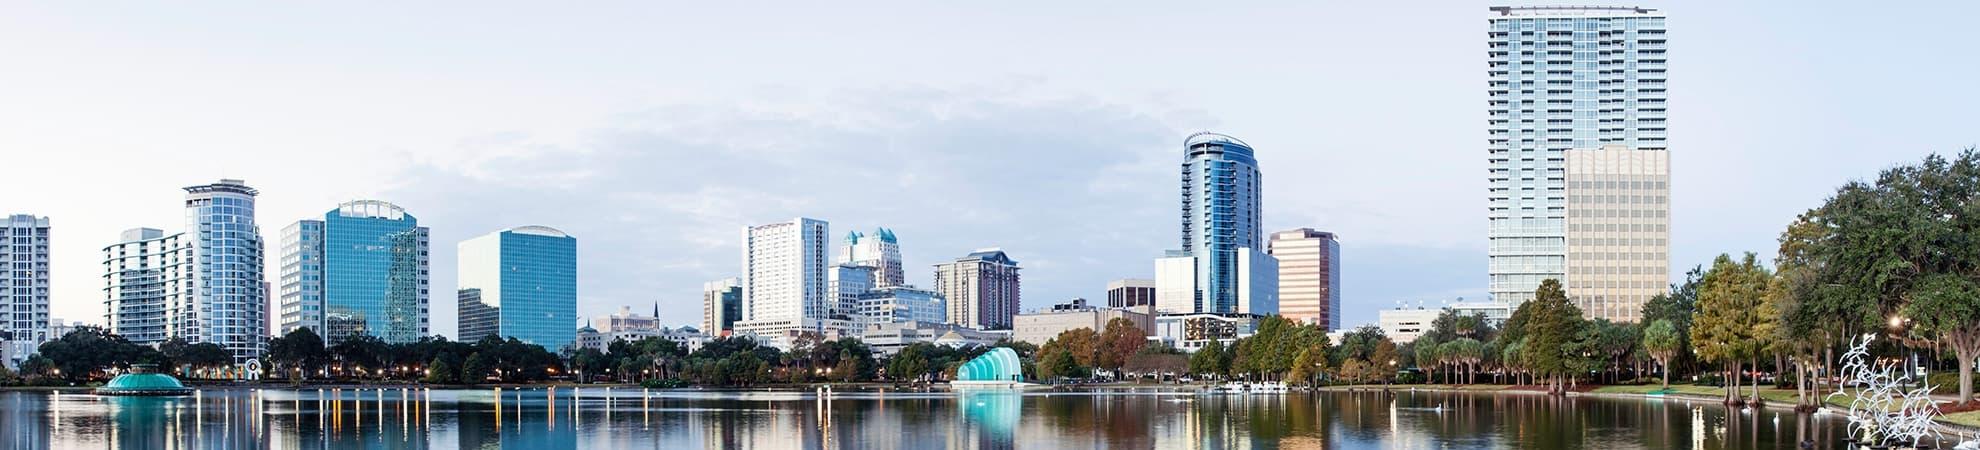 Voyage Orlando